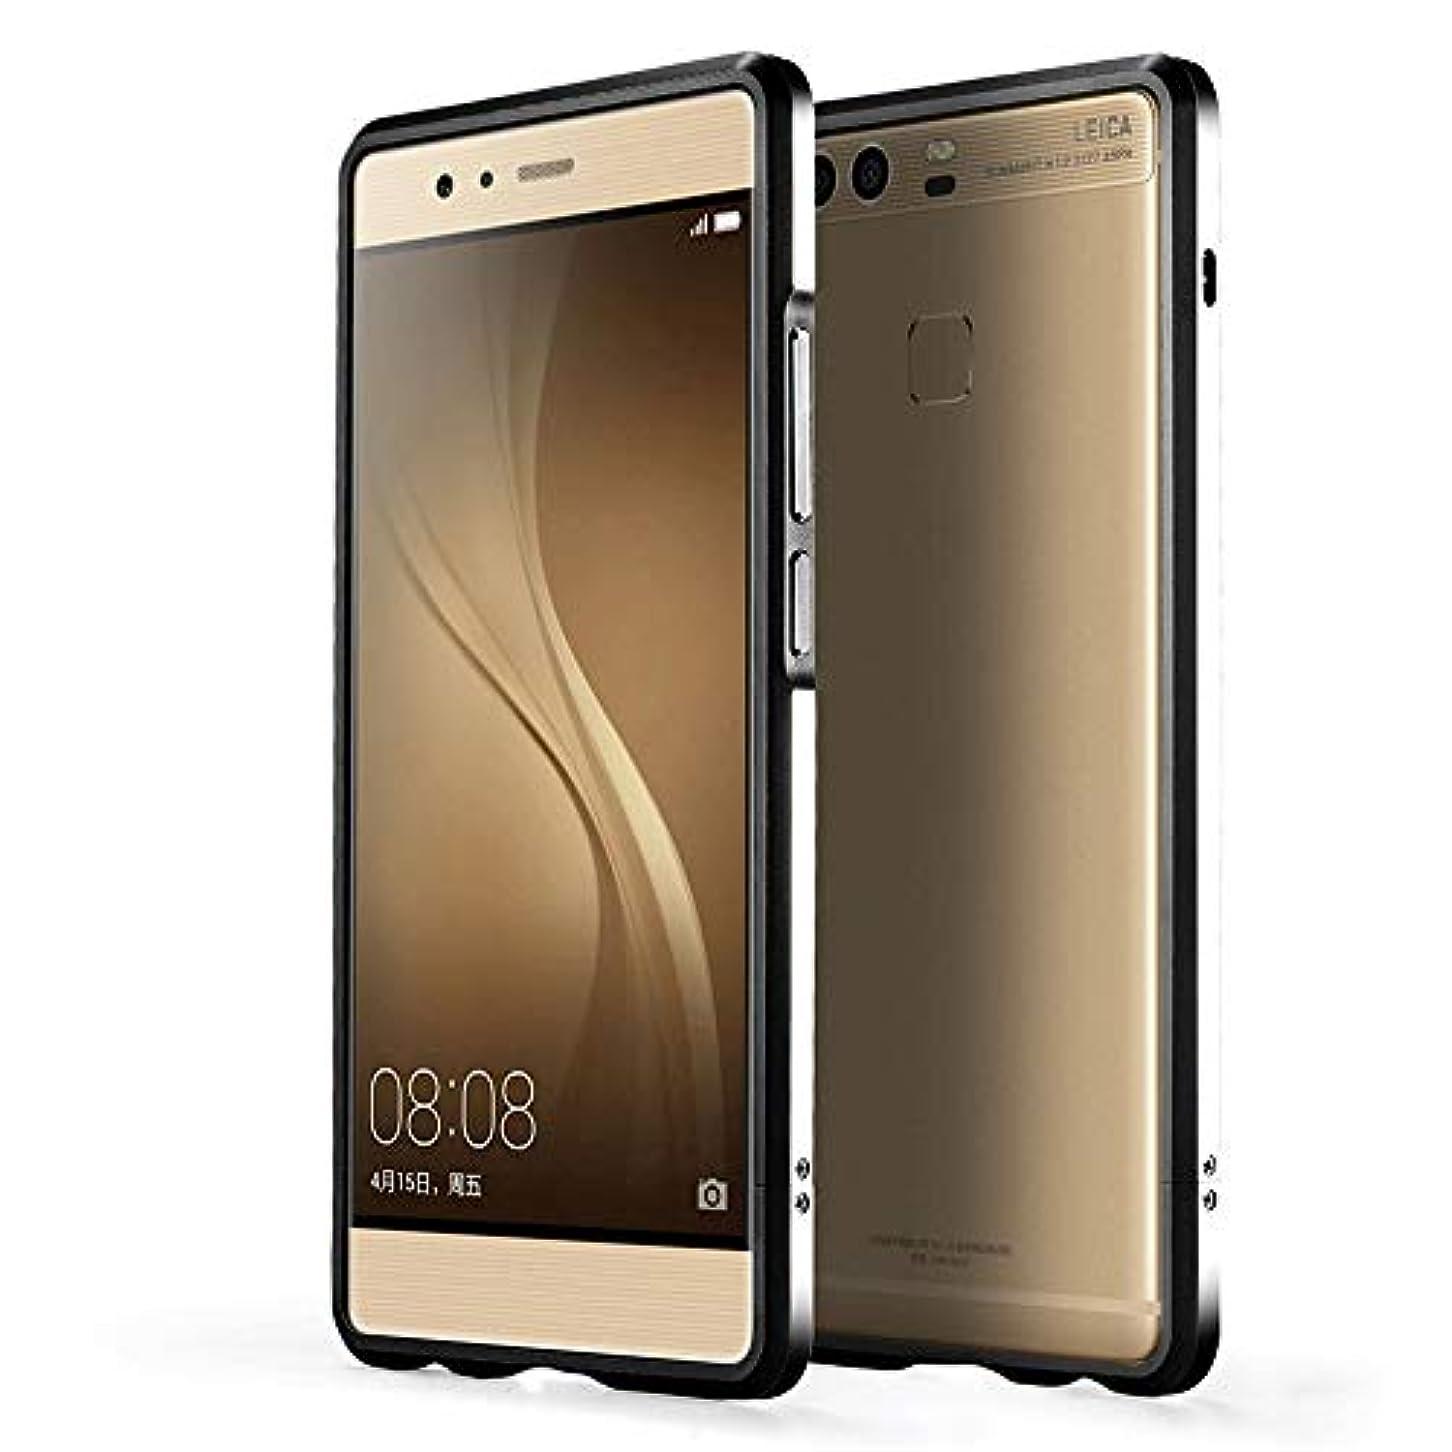 異邦人指標アコードJicorzo - 小米科技4 4S 5ケースの場合はiphone 6 / 6SについてOPPO R9 / R9 PlusのソニーZ3のための超薄い金属バンパーアルミフレームカバーをハイライト